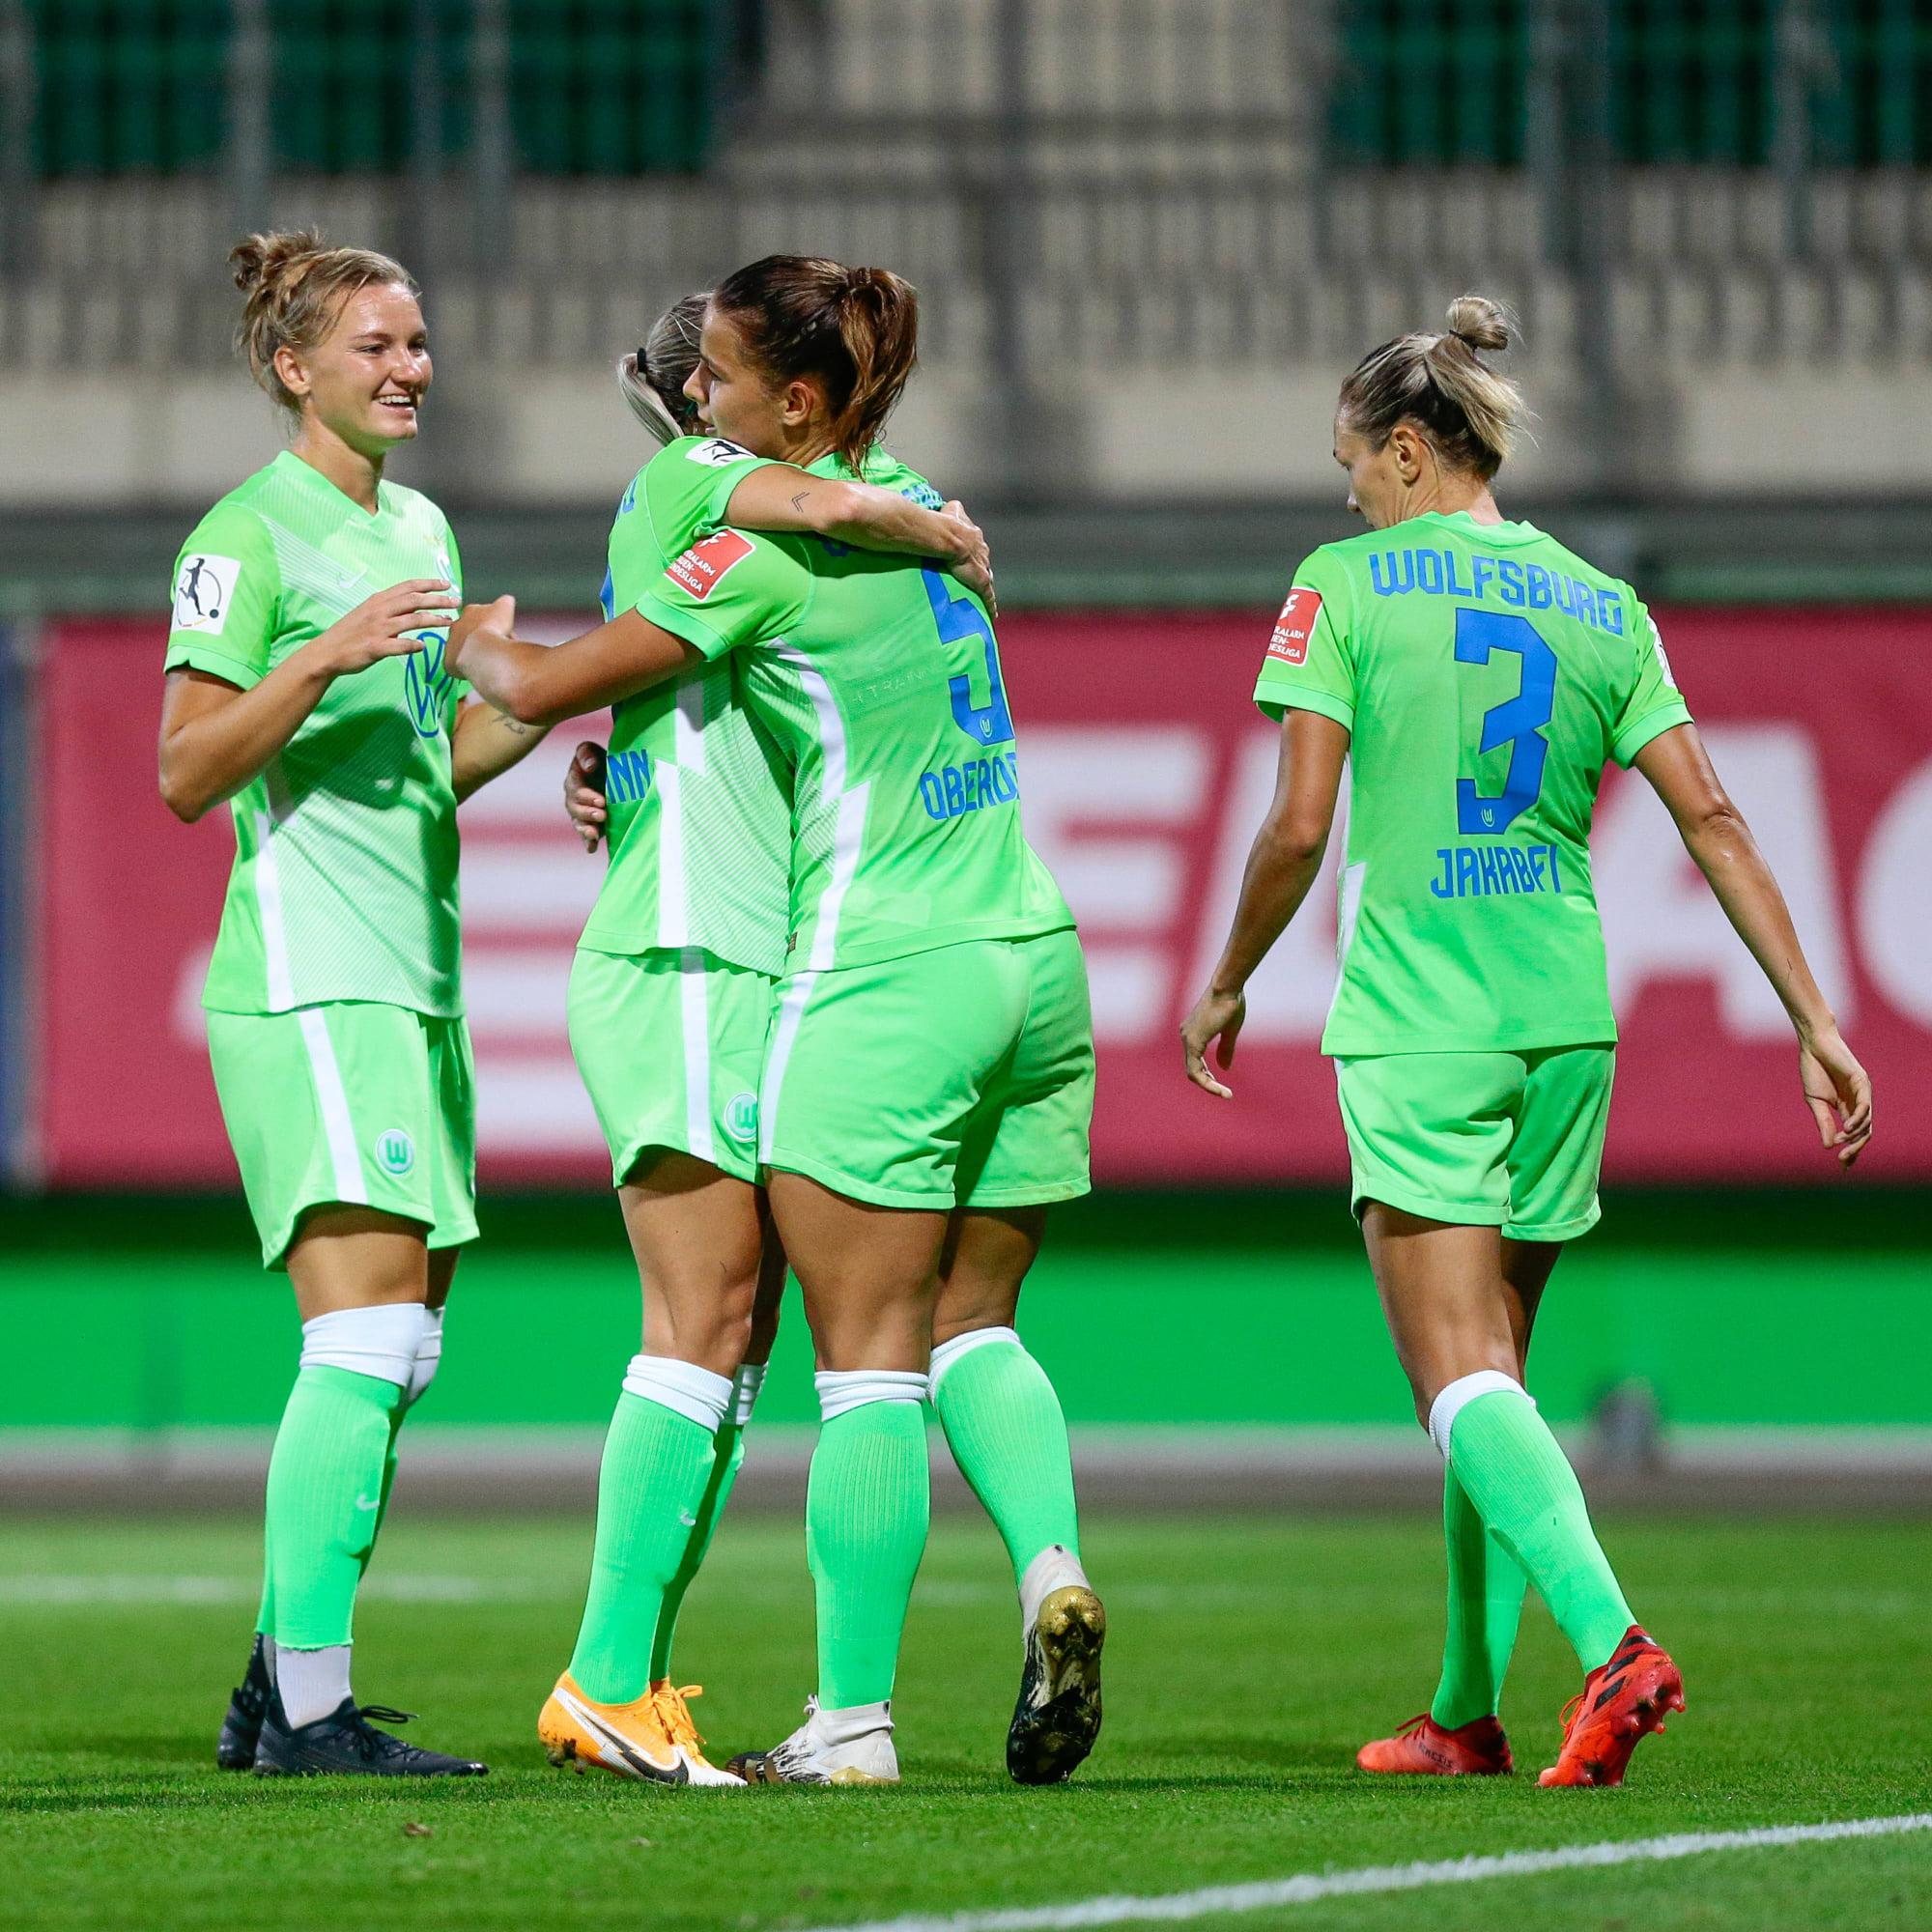 (C) VfL Wolfsburg